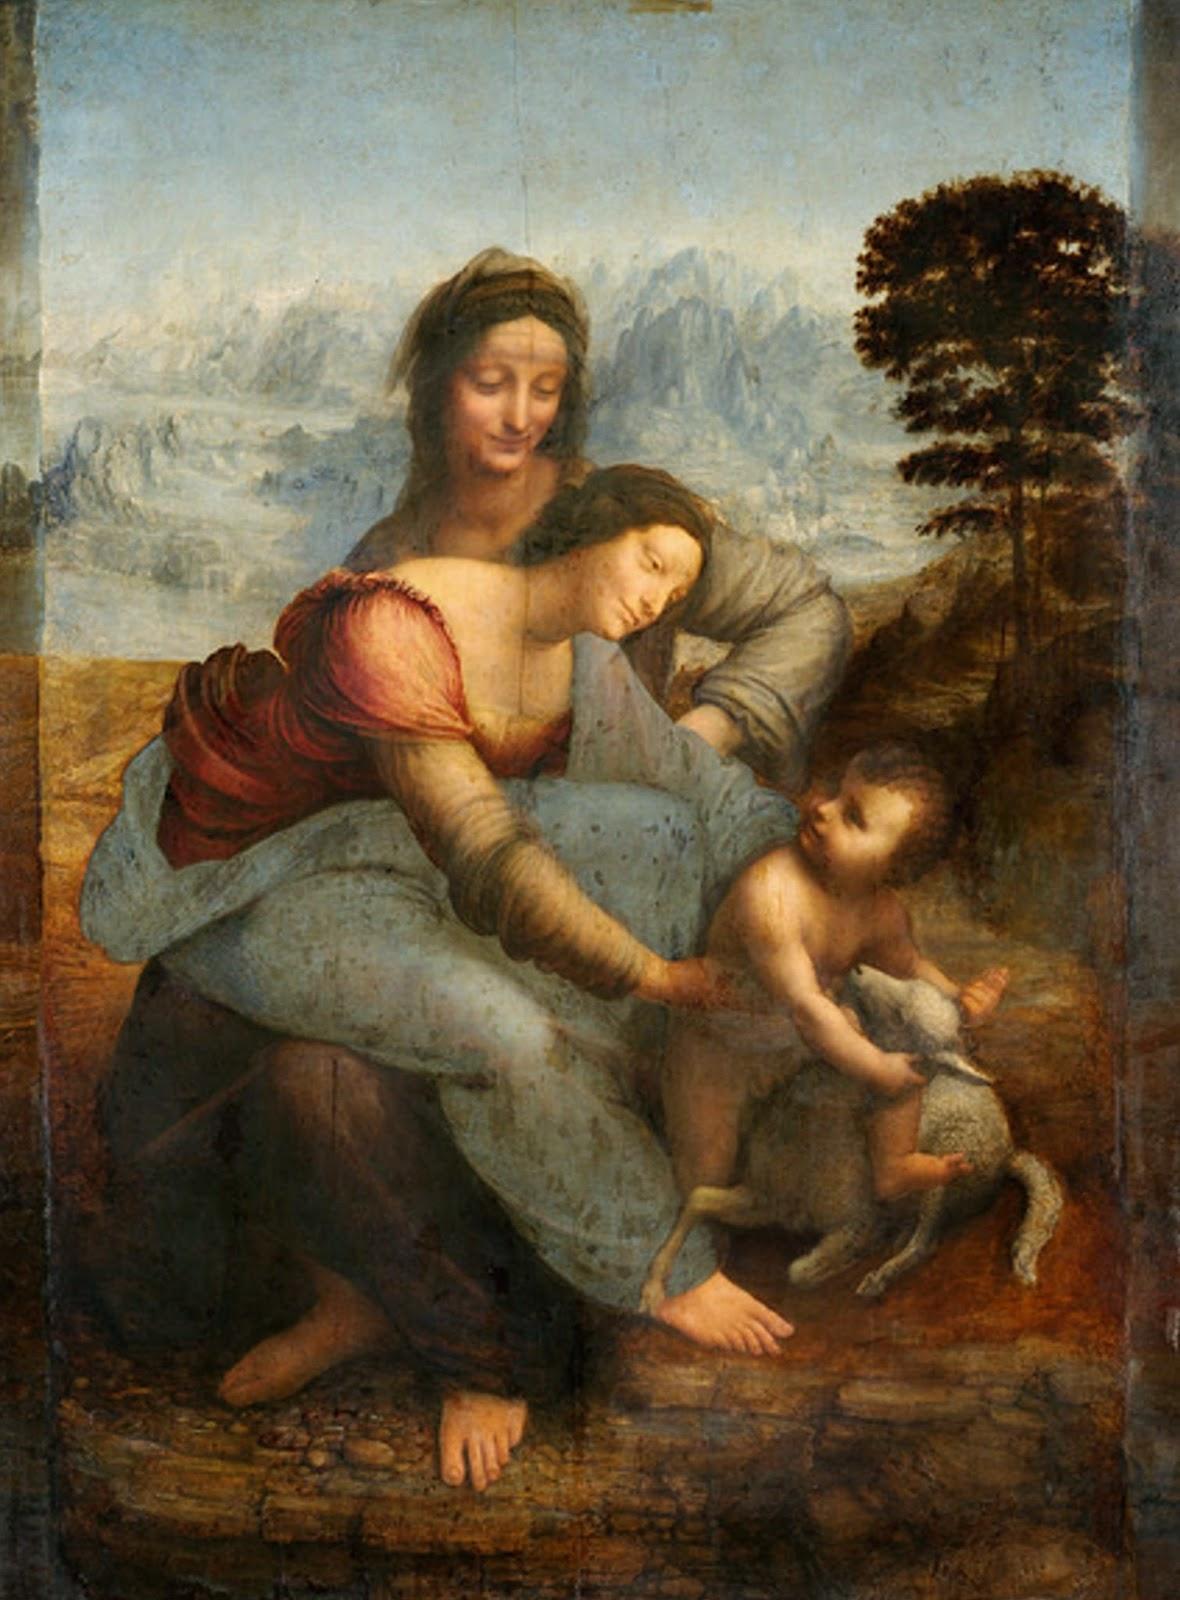 fotos-pinturas-mas-famosas-leonardo-da-vinci